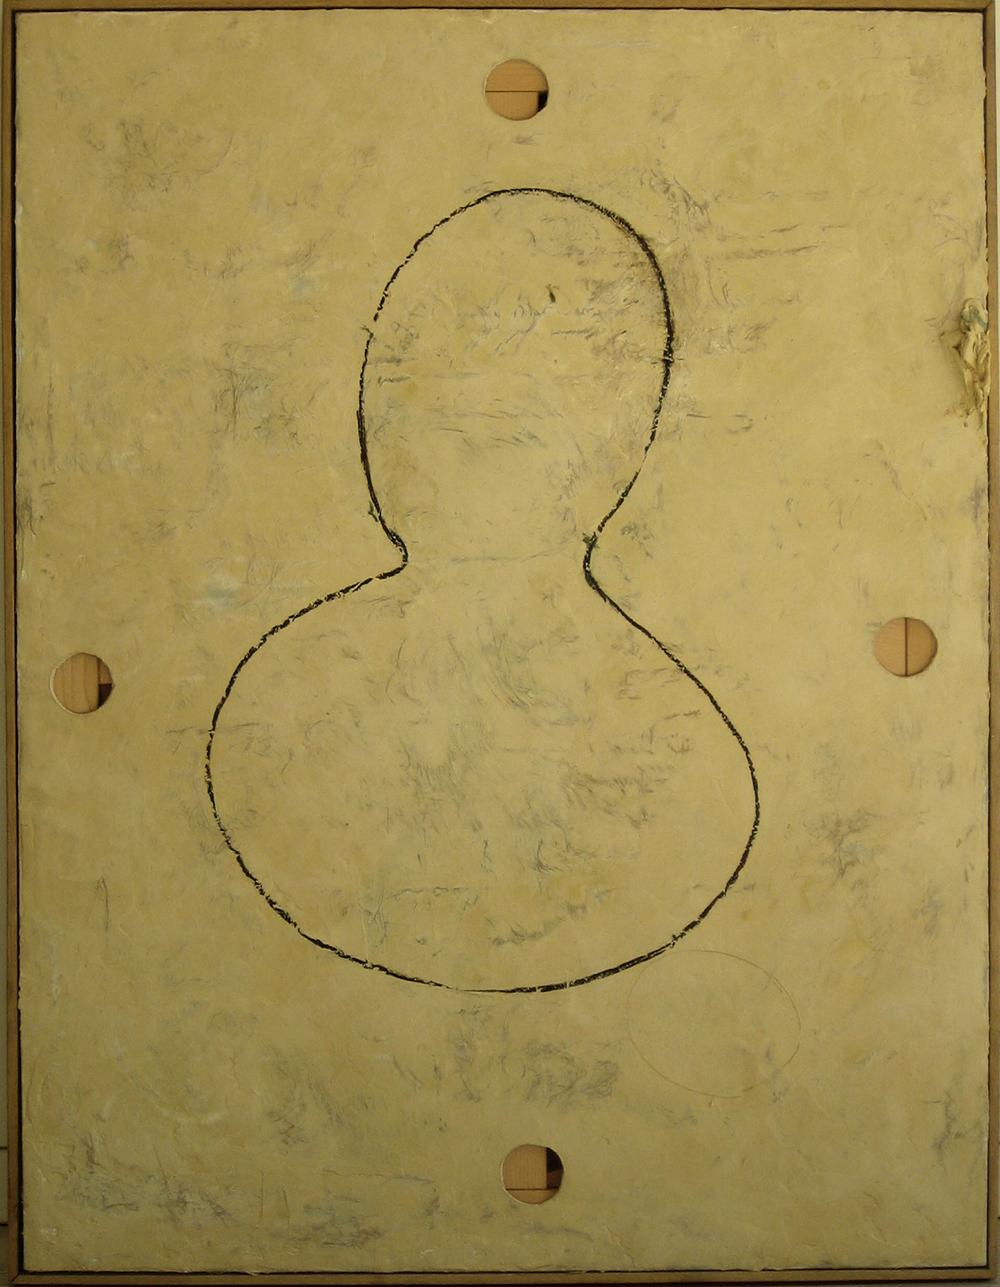 Senza titolo, 2000, olio ed encausto su tela, cm 120x95